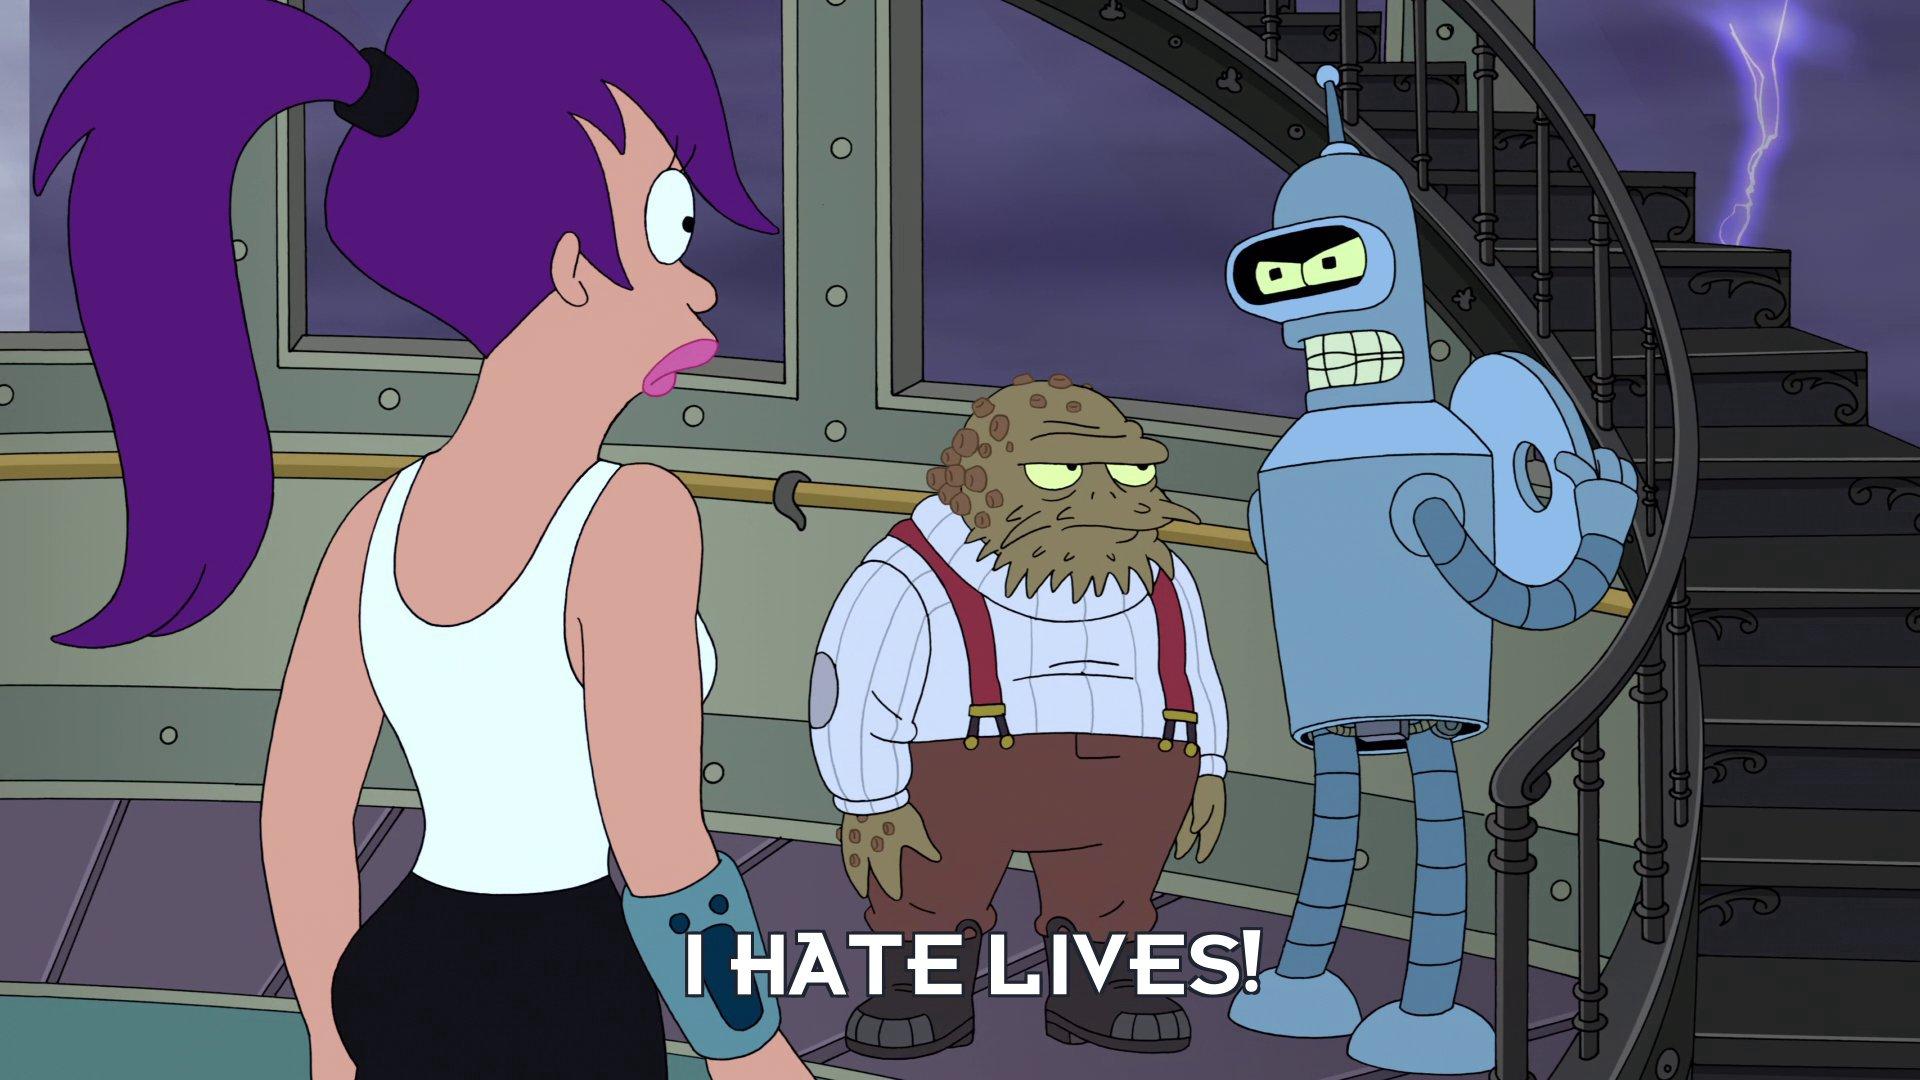 Bender Bending Rodriguez: I hate lives!